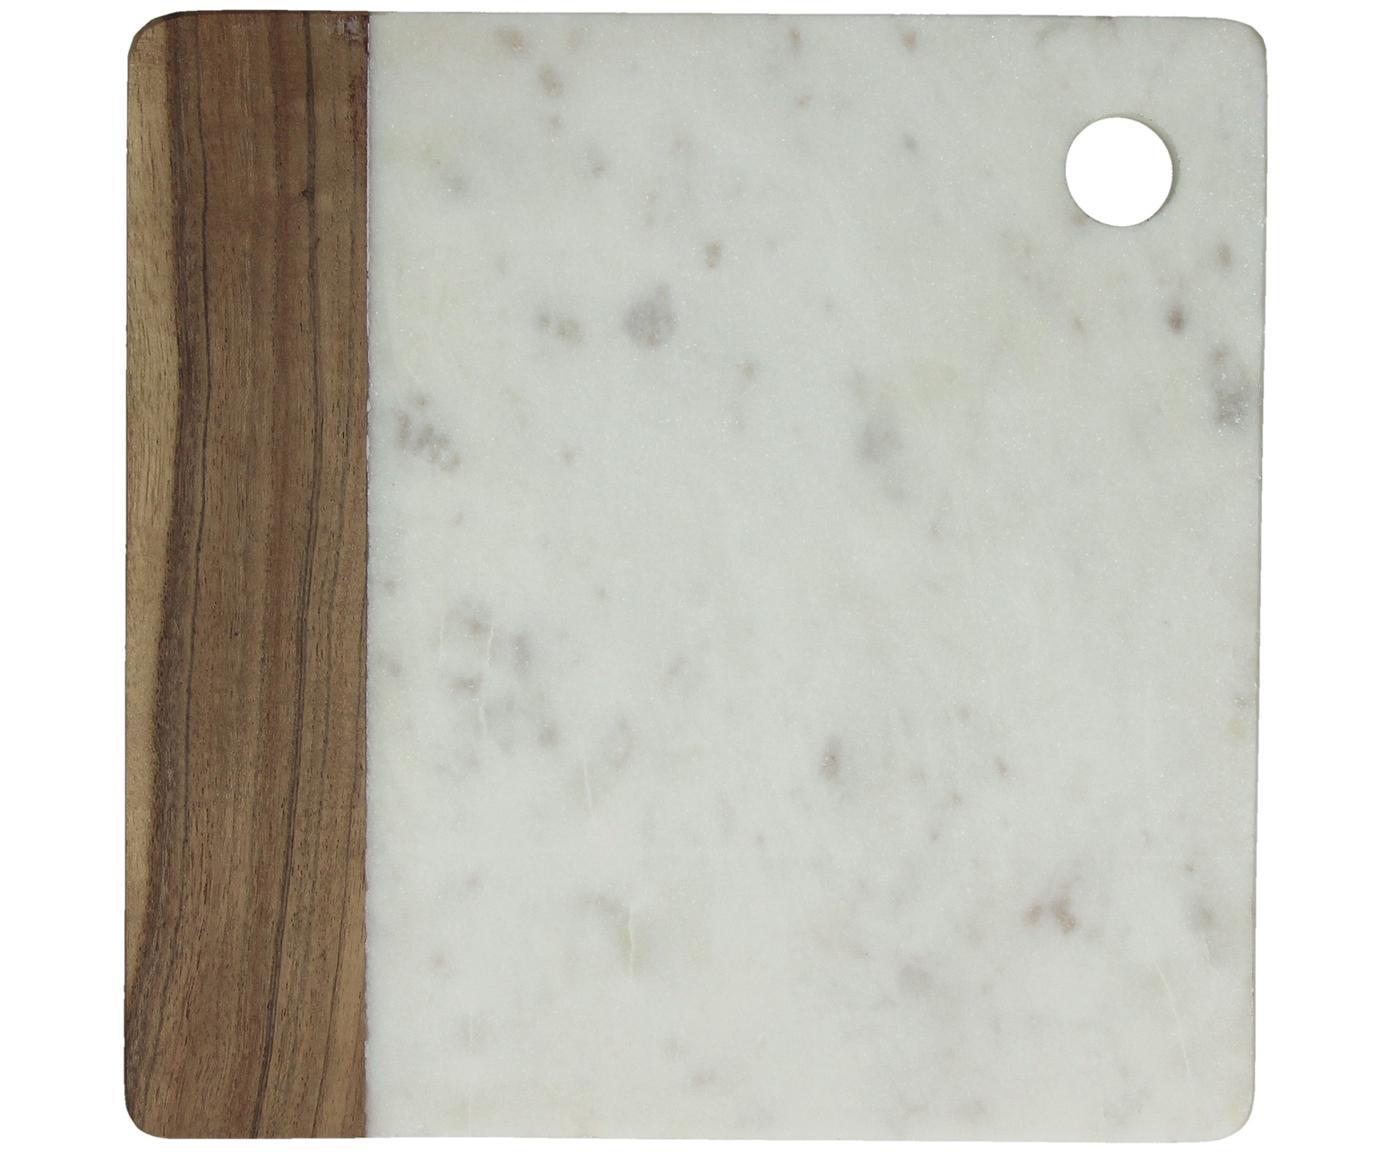 Marmor-Schneidebrett Idli, Marmor, Akazienholz, Weiss marmoriert, Akazienholz, B 25 x T 25 cm